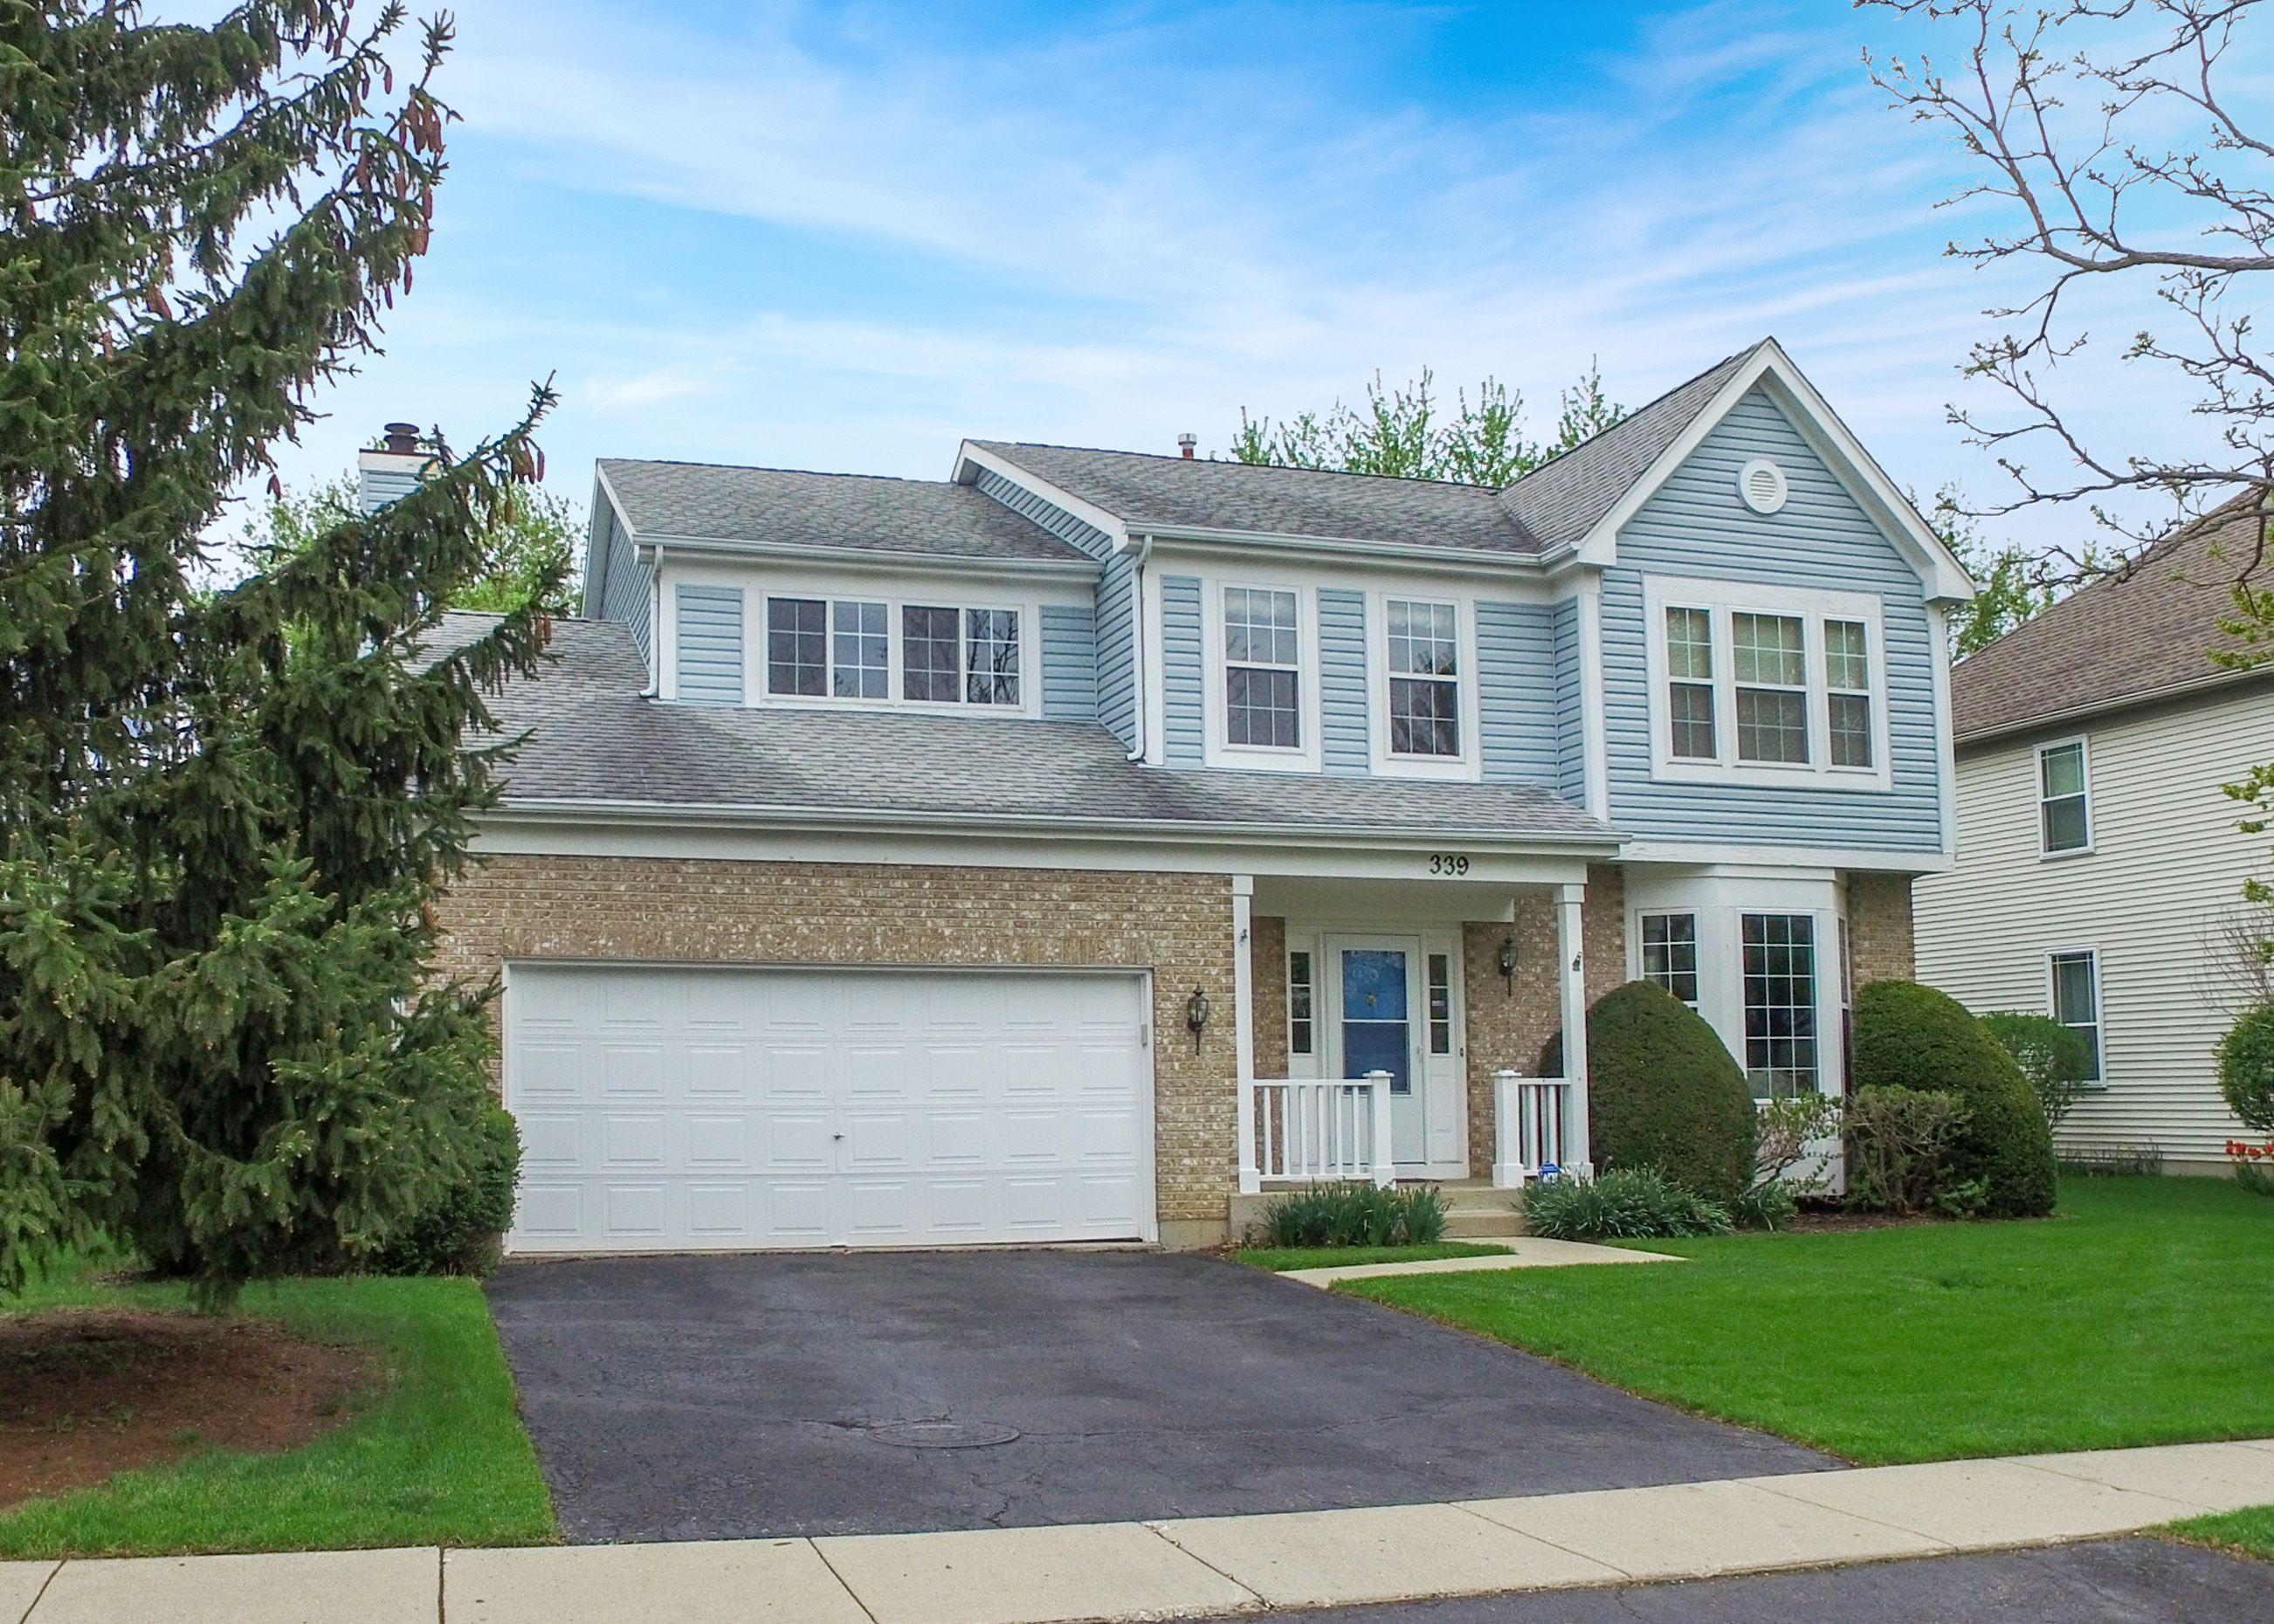 4e5ef32353a16fd3e29f73ecfc983176 - Better Homes And Gardens Real Estate Star